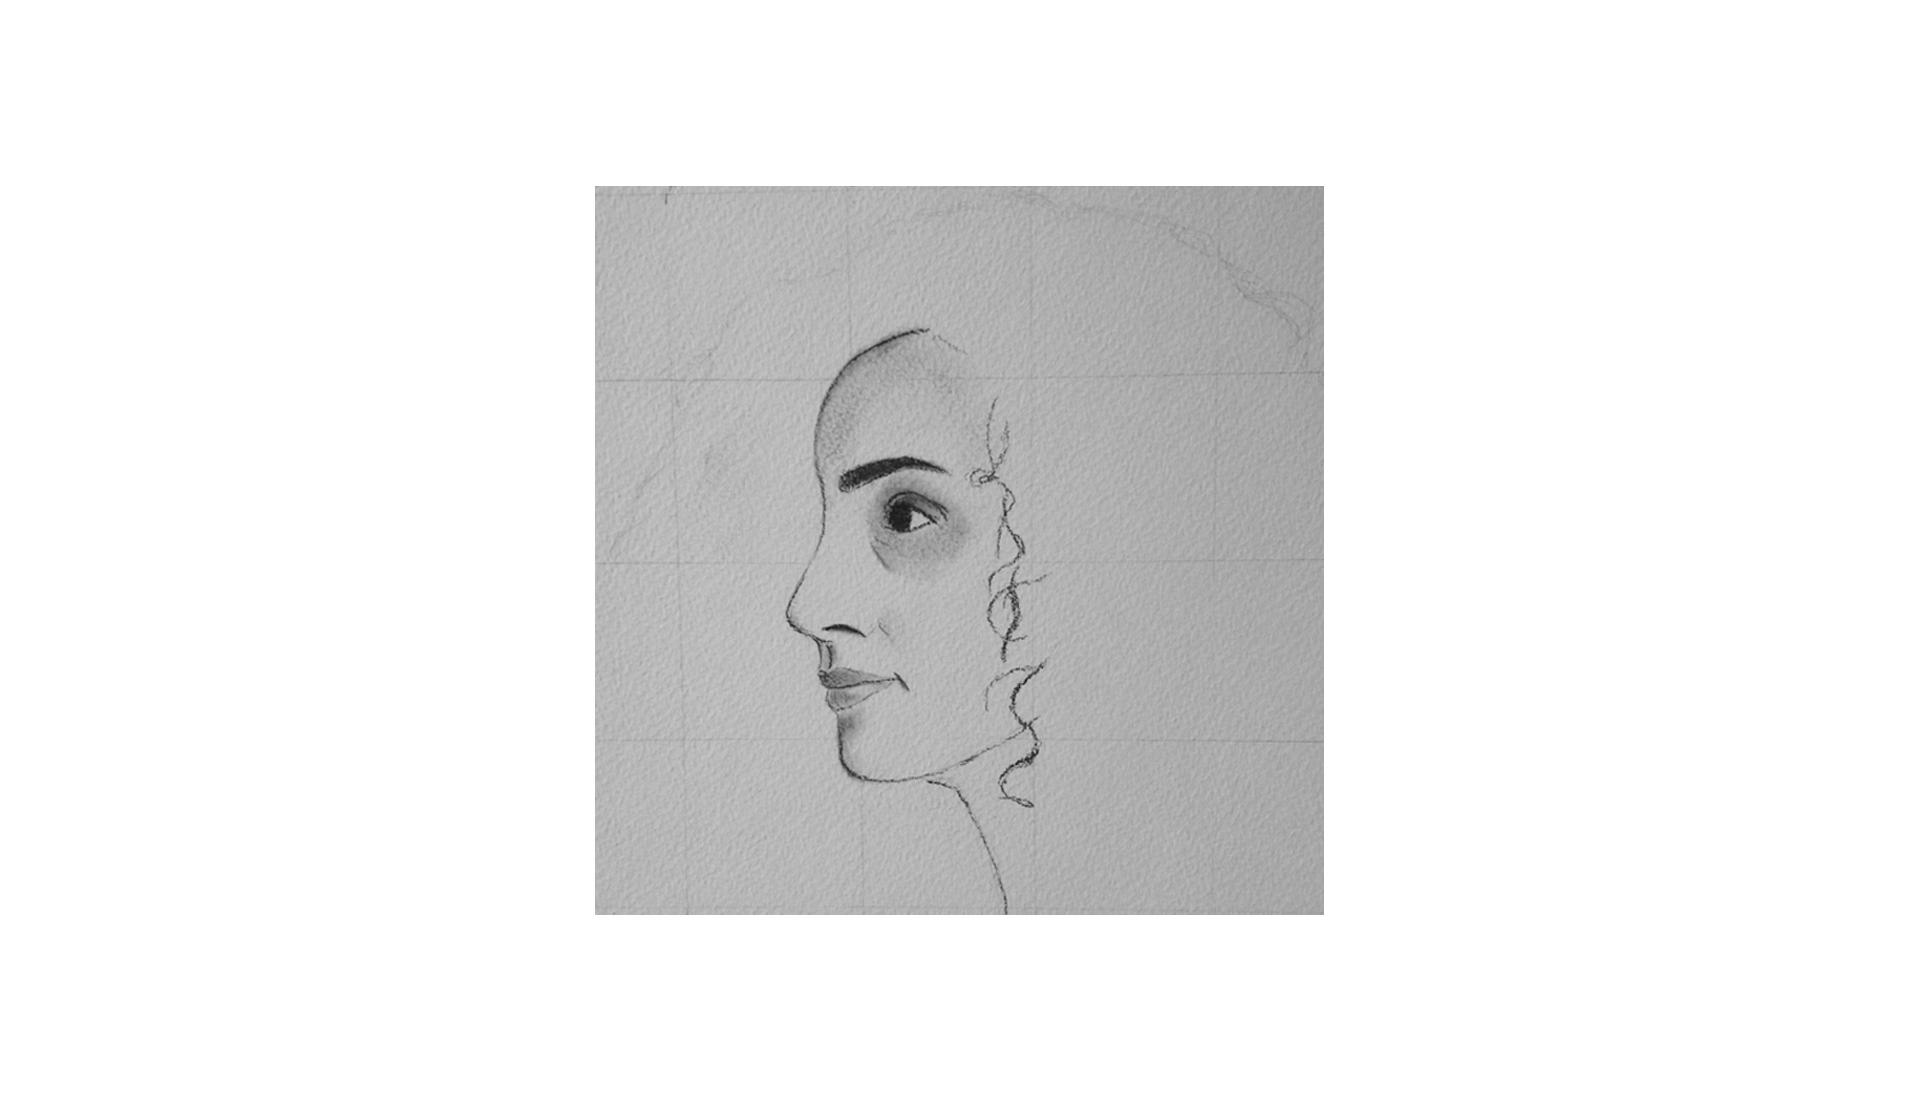 laouini_sketch